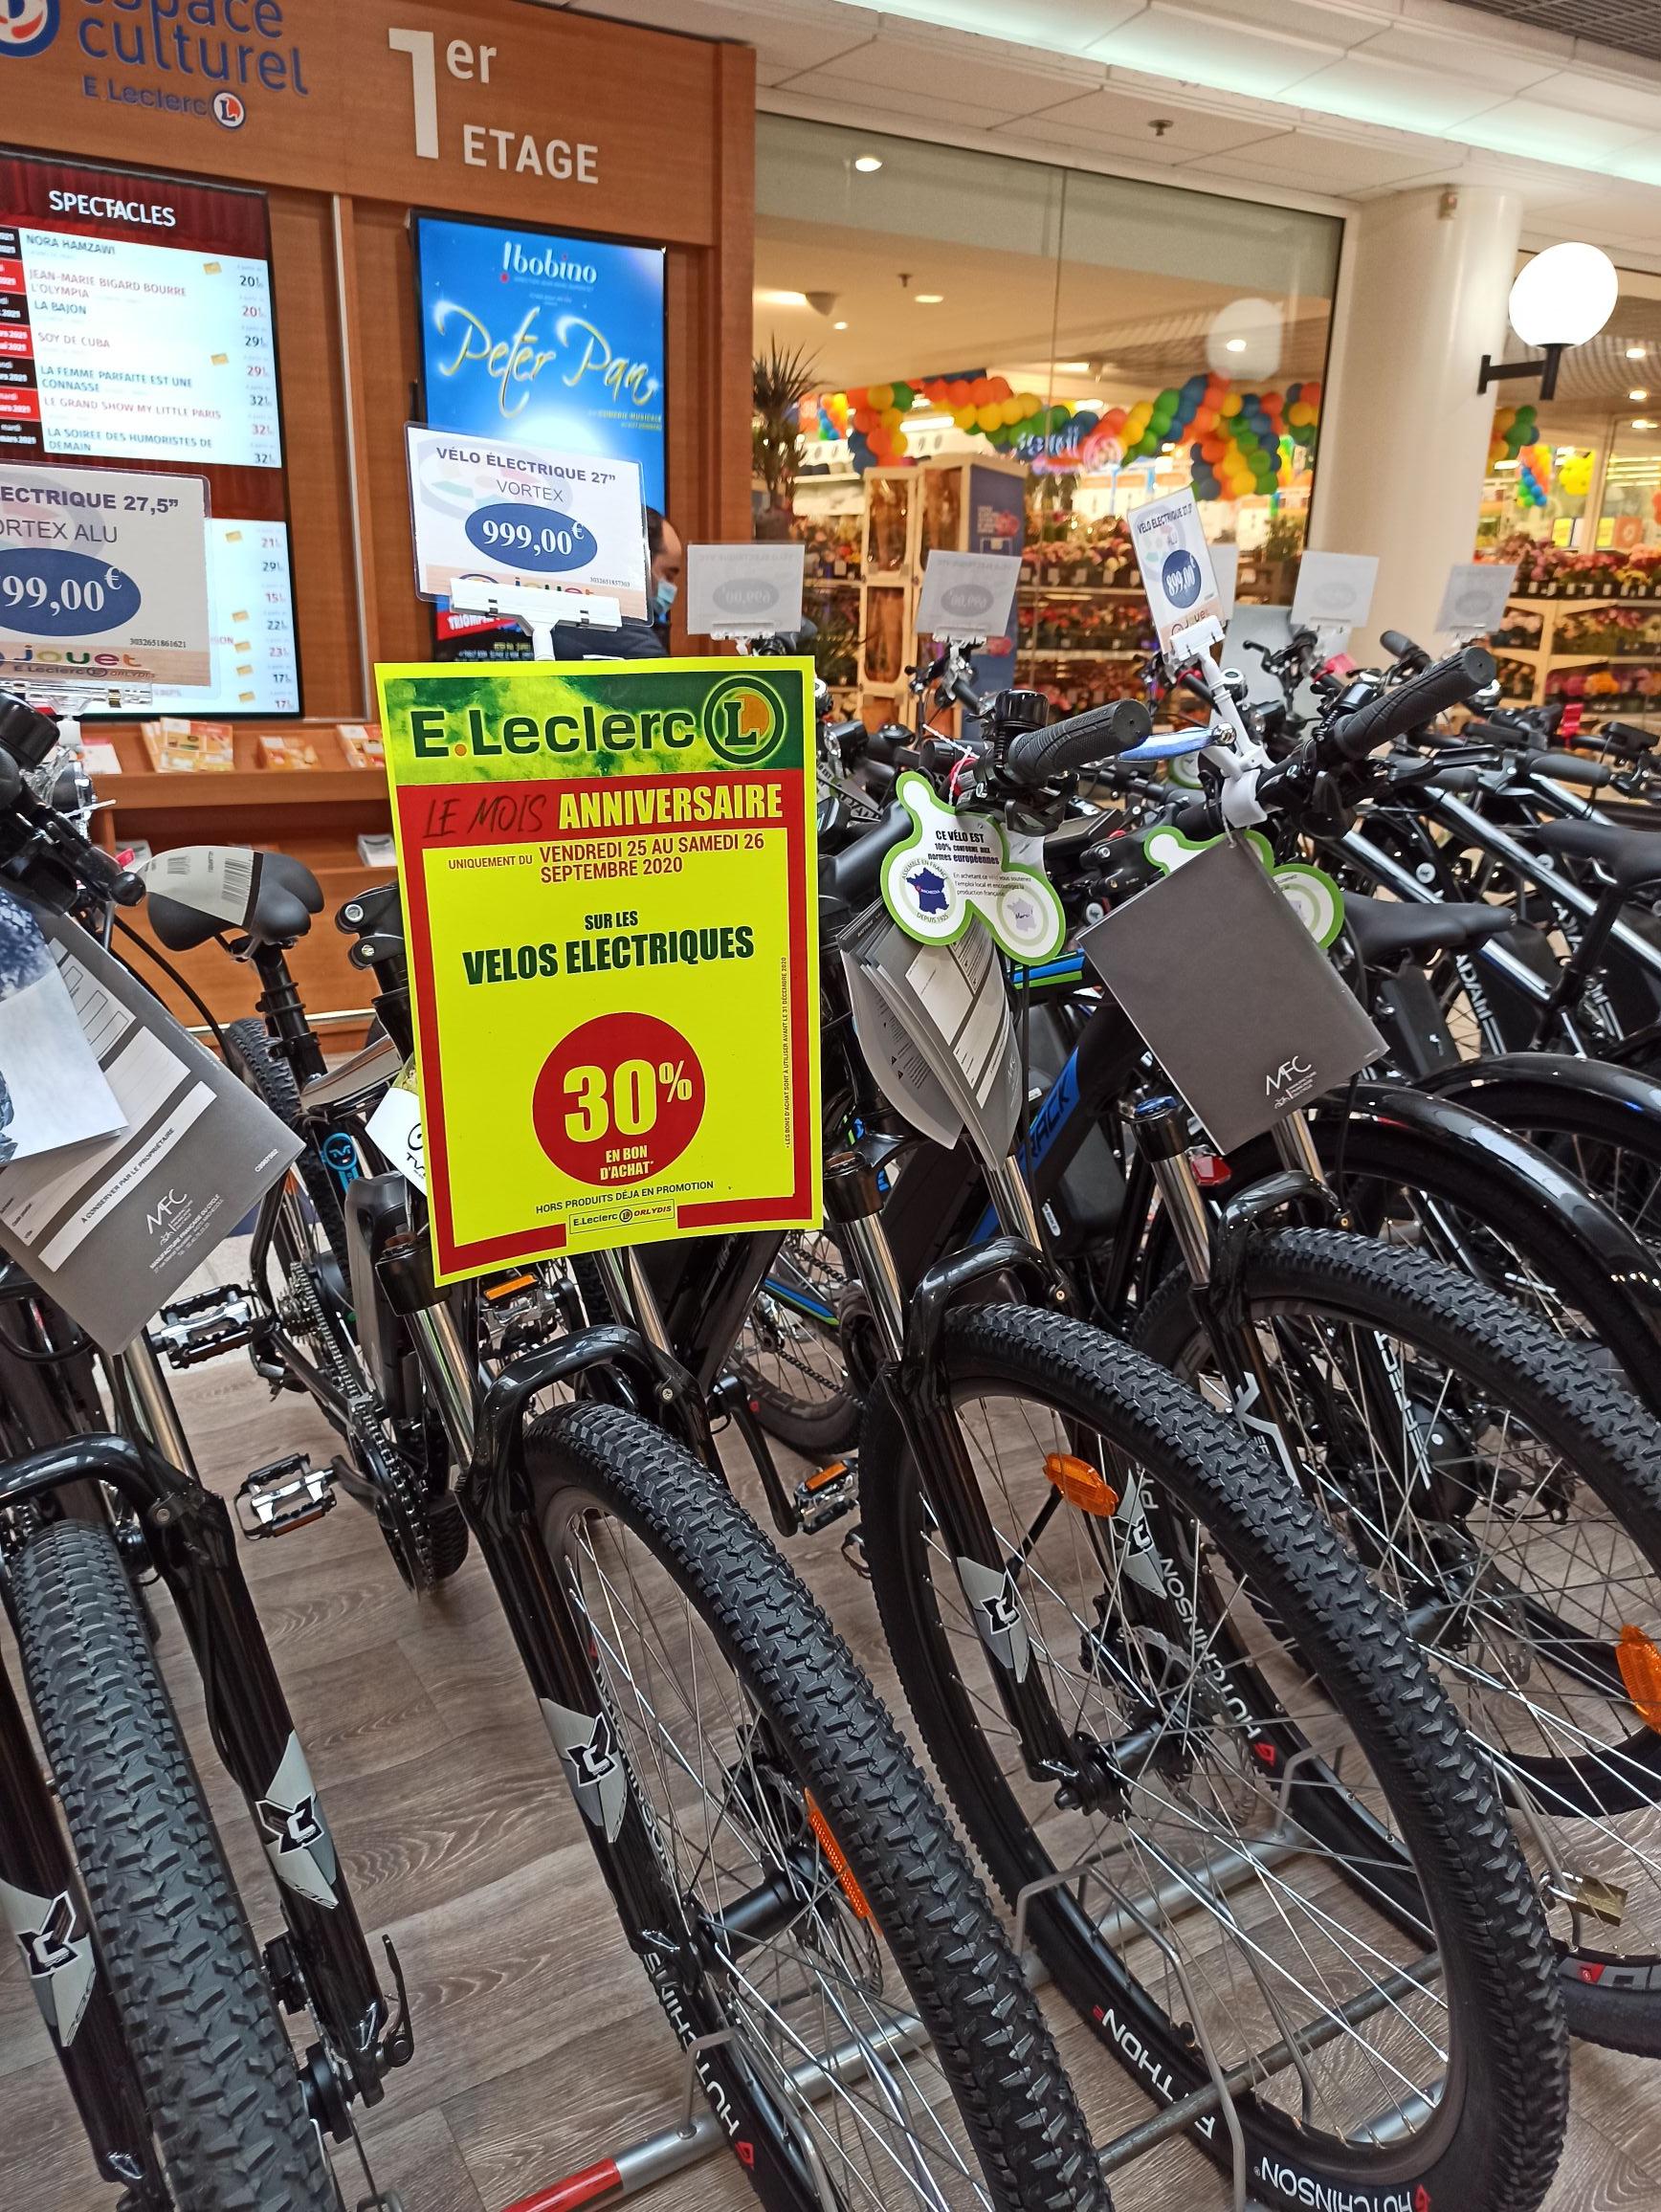 30% offerts en bon d'achat sur les vélos électriques (hors promotions) - Orly (94)